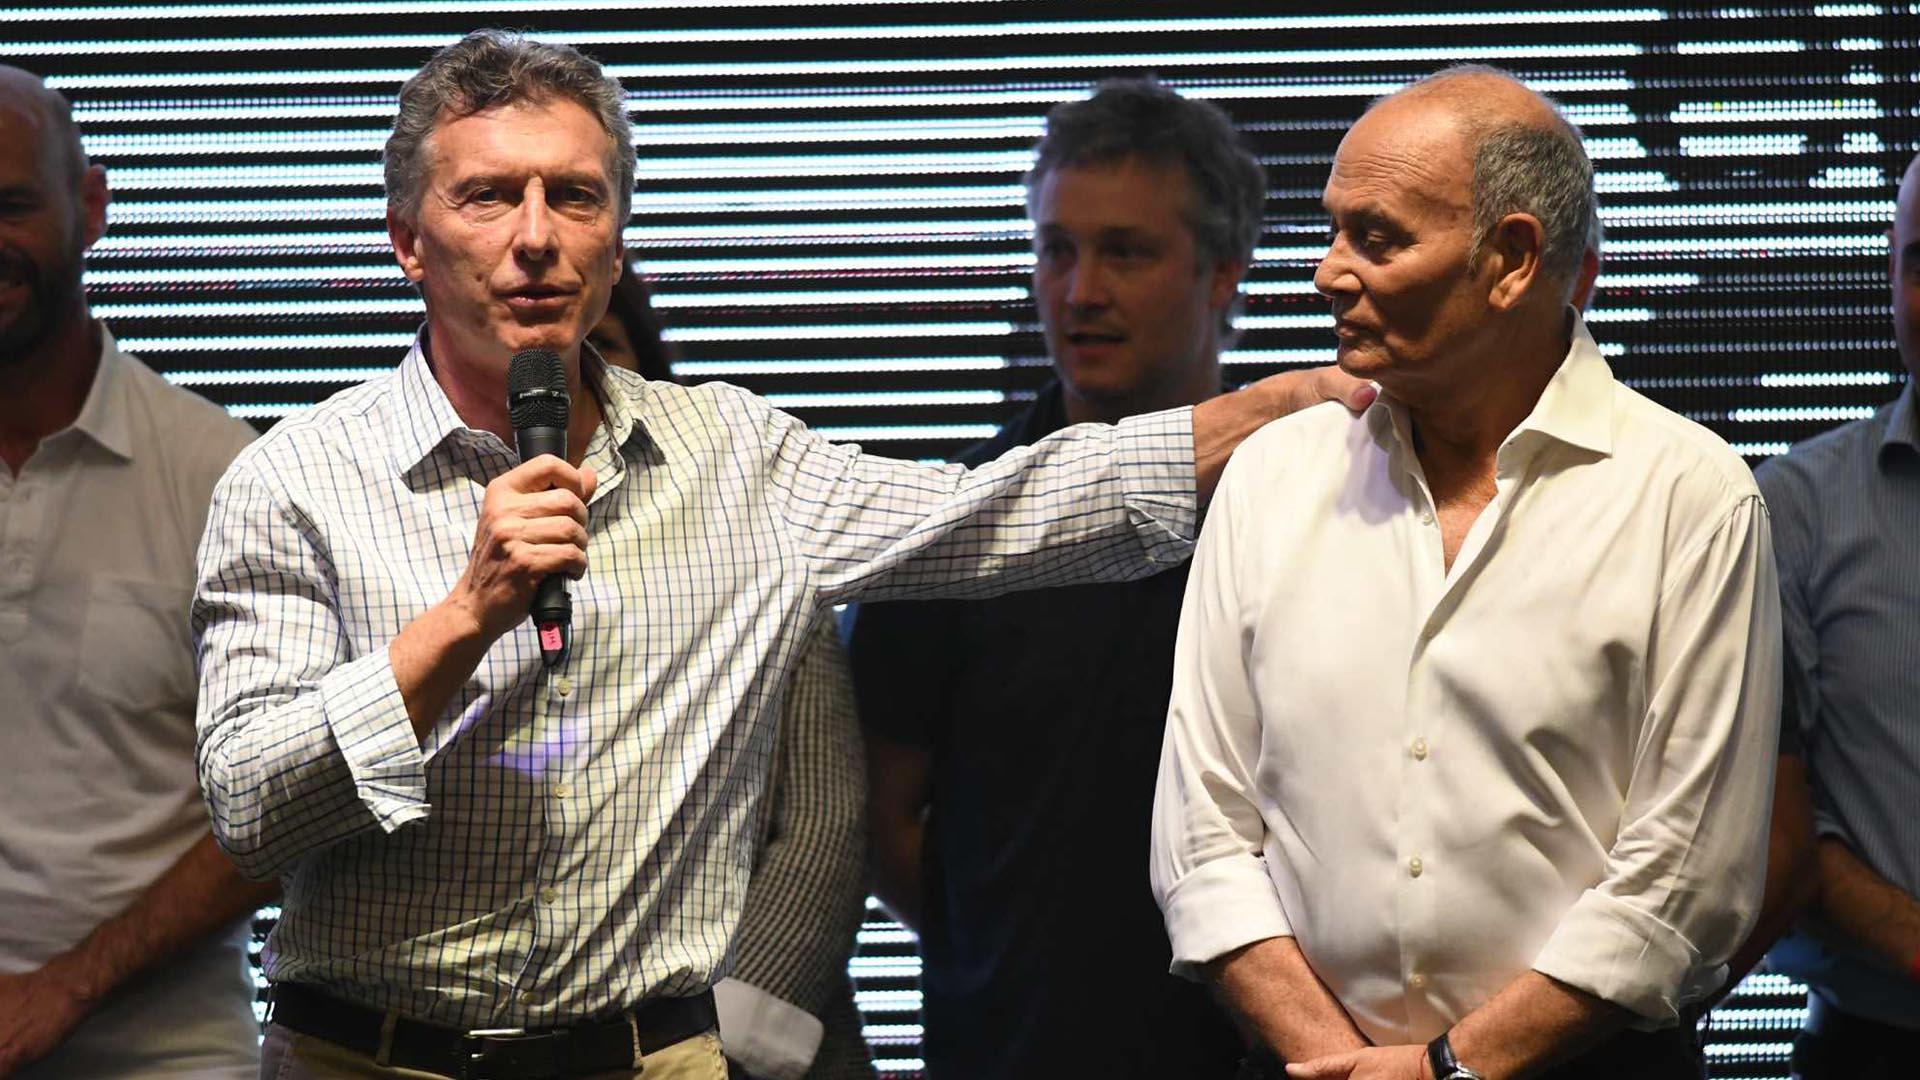 Macri y Venegas, en Ferro, en mayo del año pasado. El sindicalista falleció unos meses después